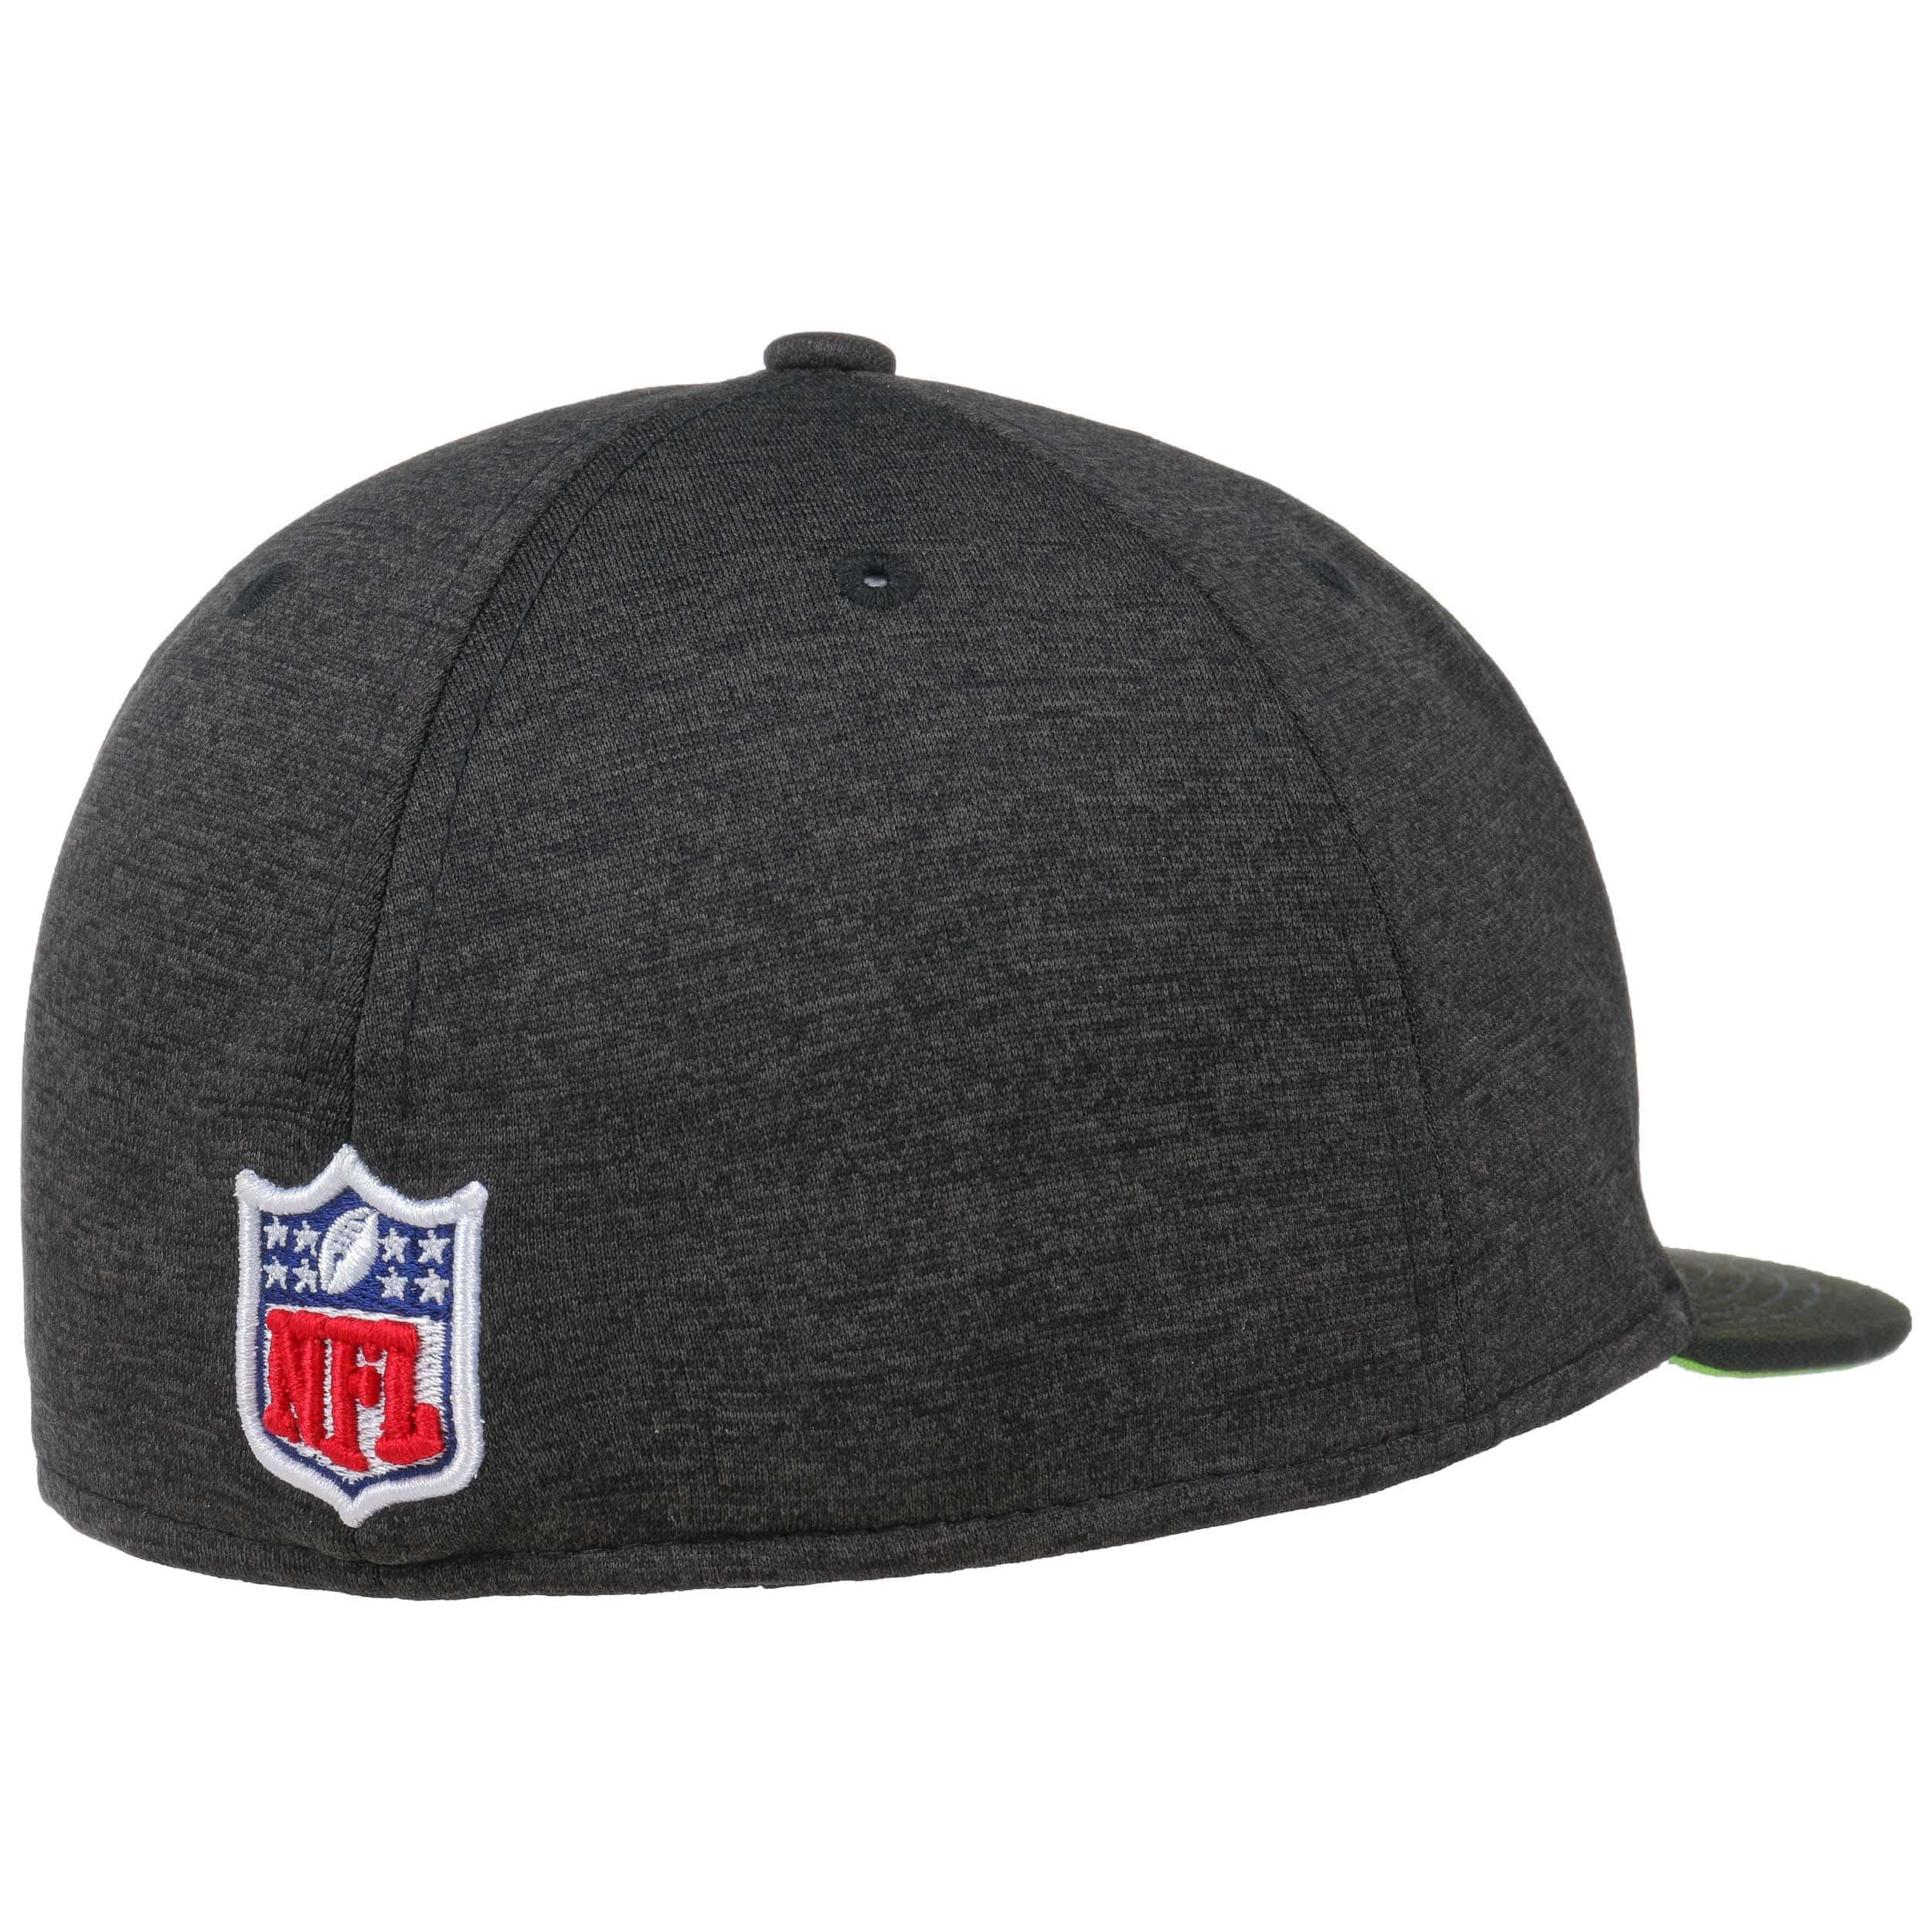 NFL Seattle Seahawks New Era 59Fifty SHADOW TECH Cap